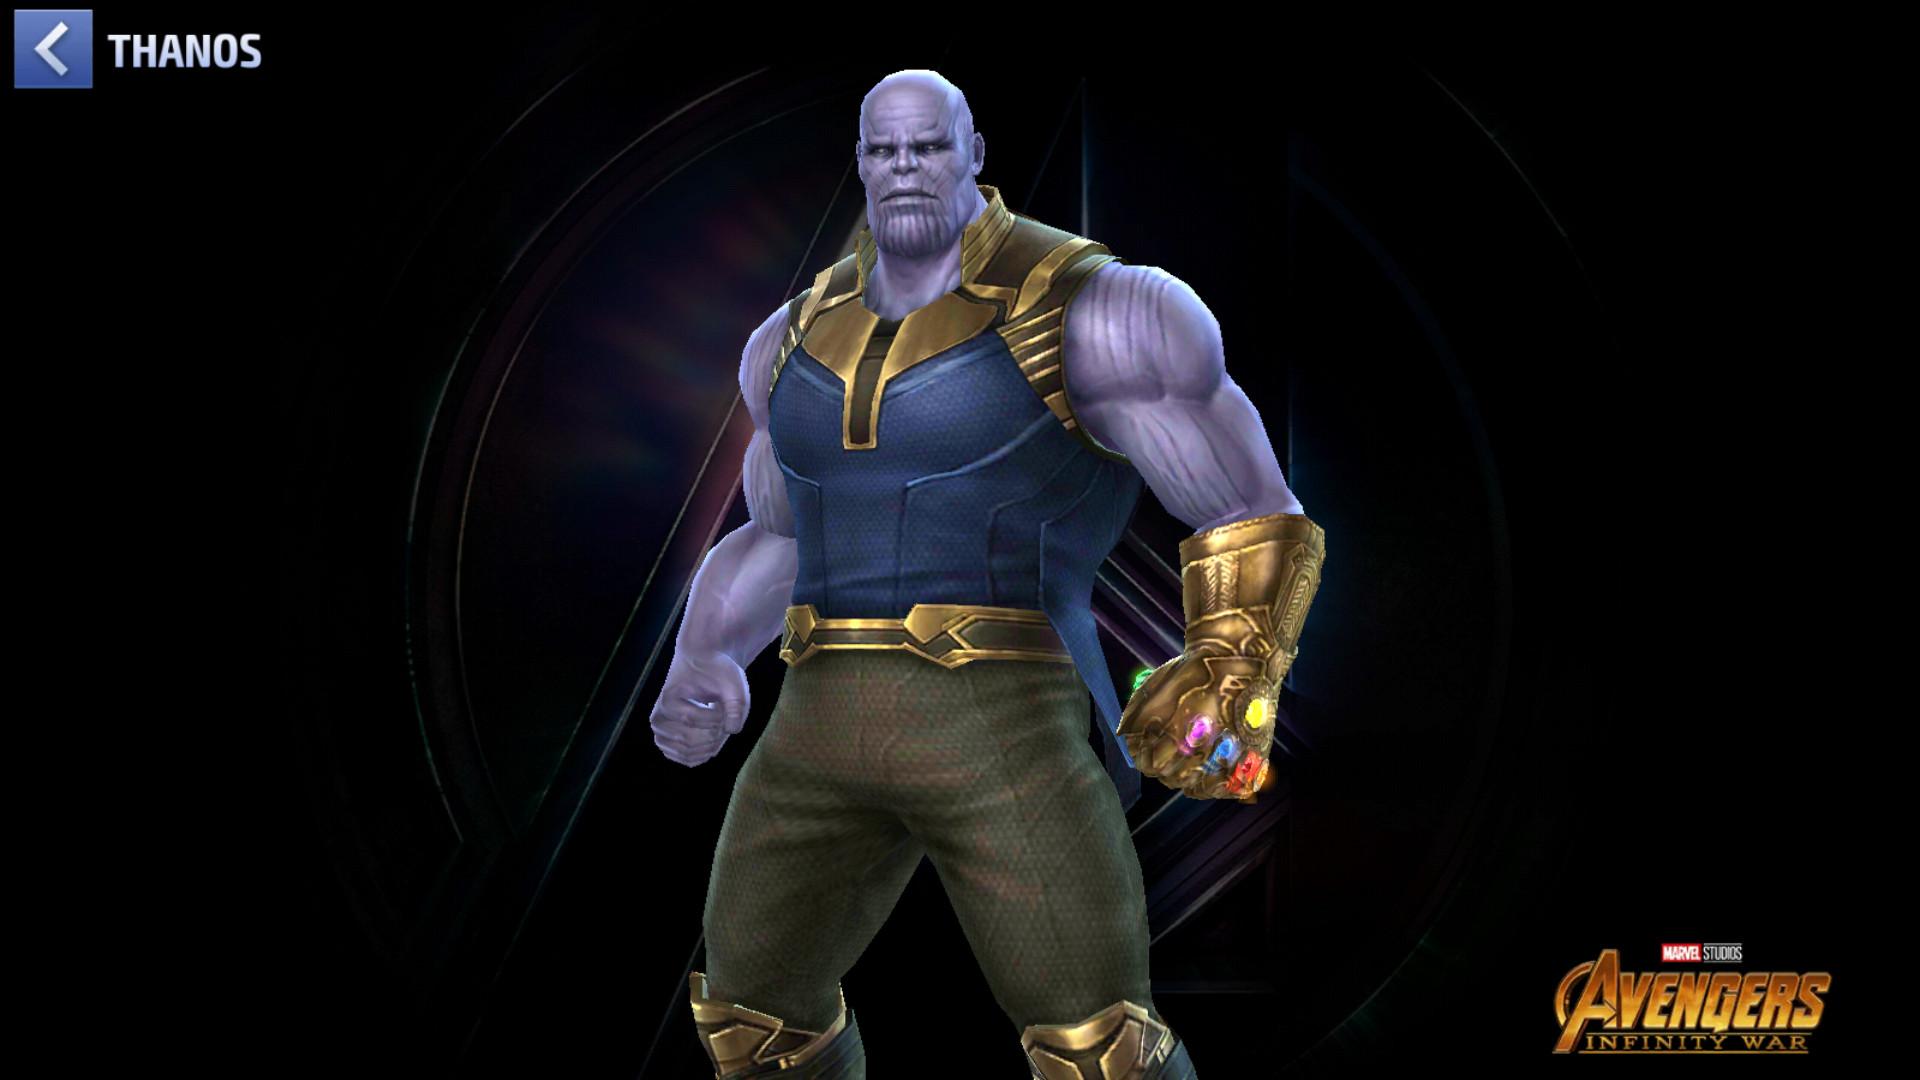 Le titan fou dans le jeu tel qu'il a été vu dans Avengers: Infinity war